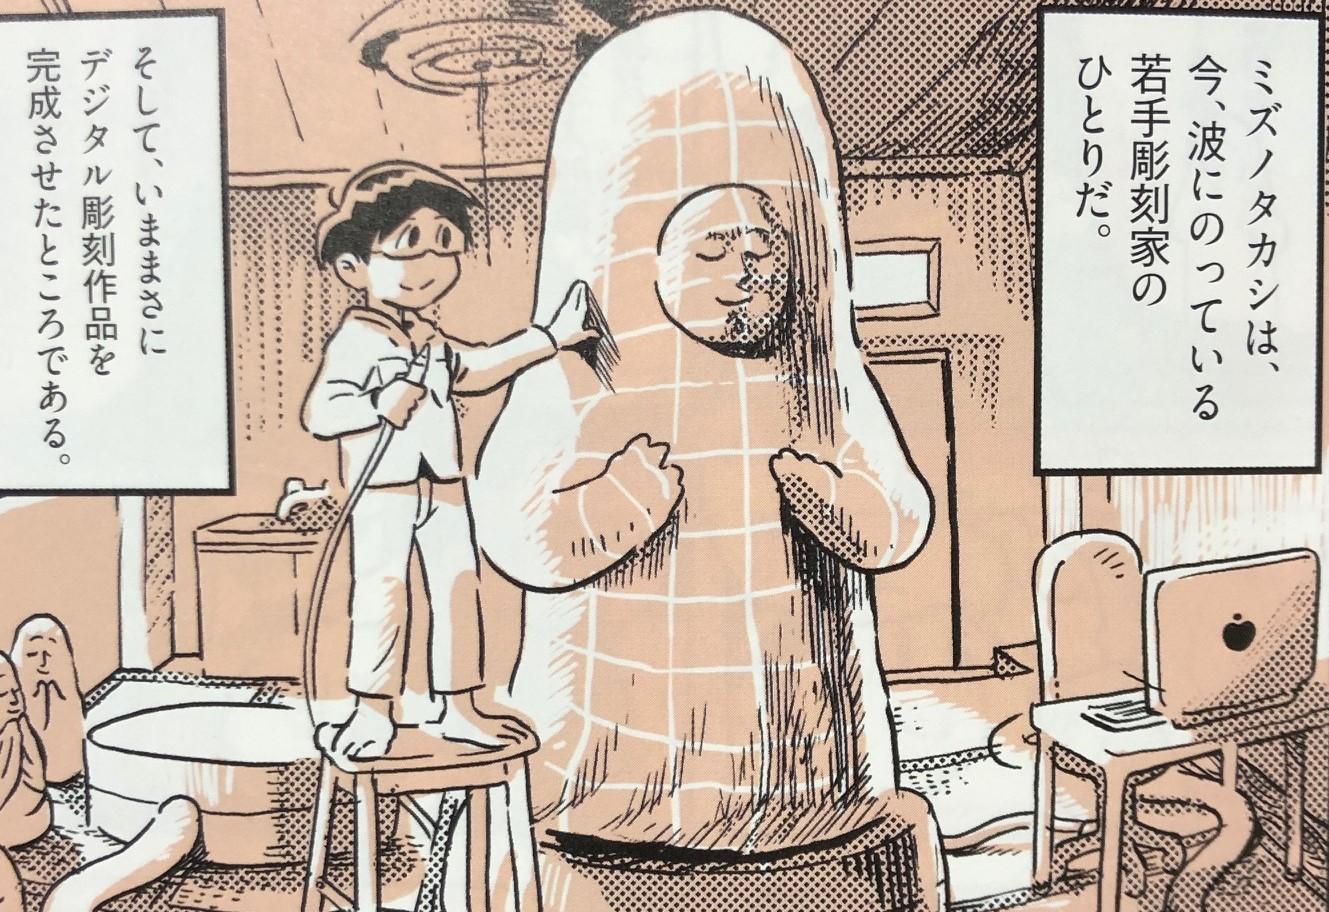 美術手帖【アート×ブロックチェーン特集】感想レビュー